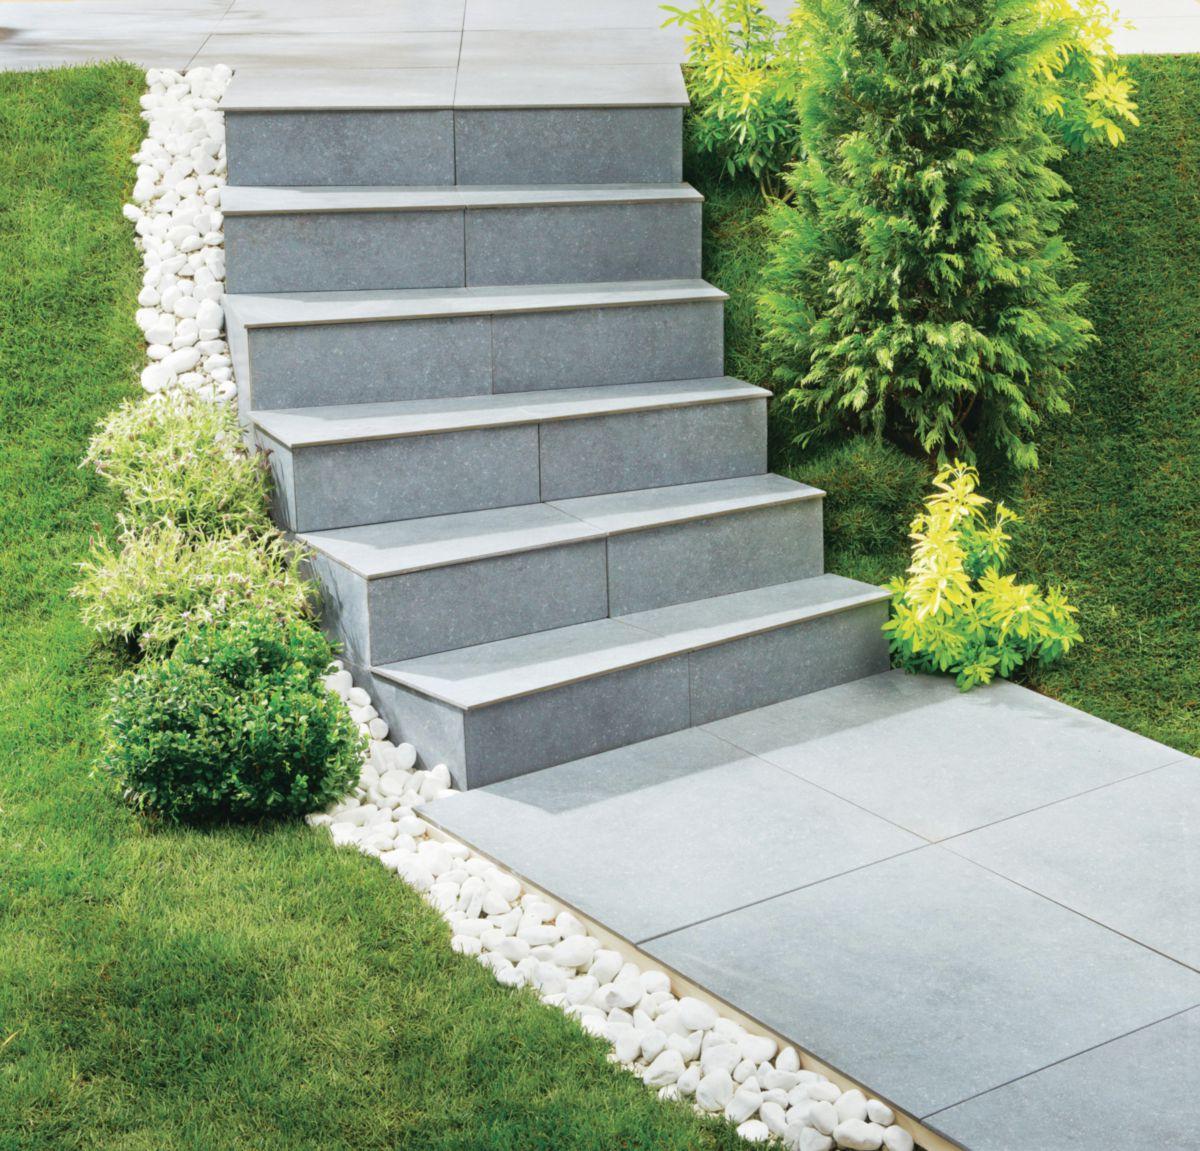 jouplast module de marche escalier ext rieur modulesca. Black Bedroom Furniture Sets. Home Design Ideas